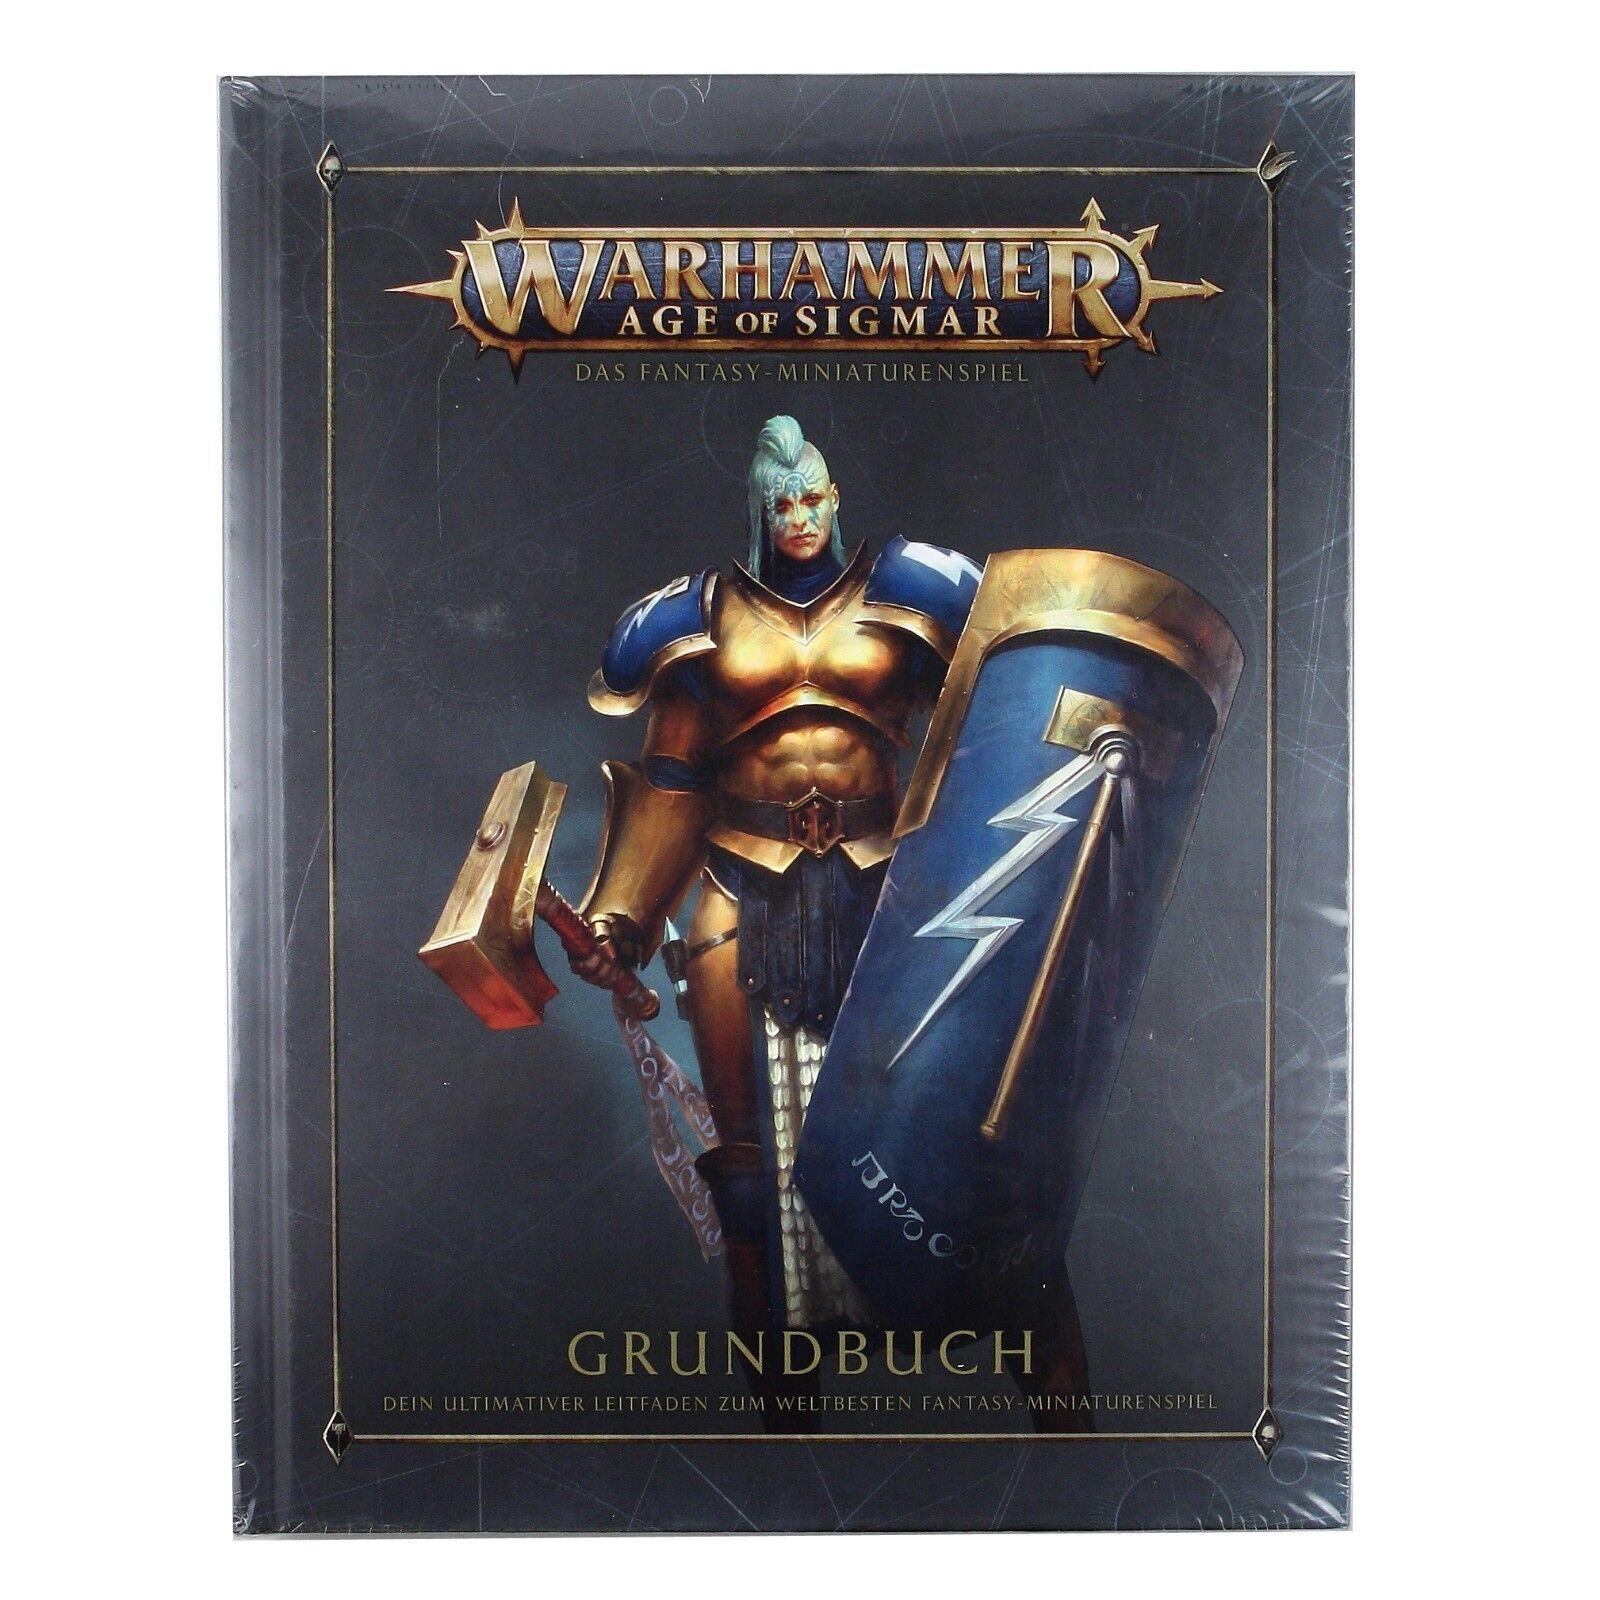 Warhammer Age of Sigmar Grundbusch Rule Book Soul Wars 11260